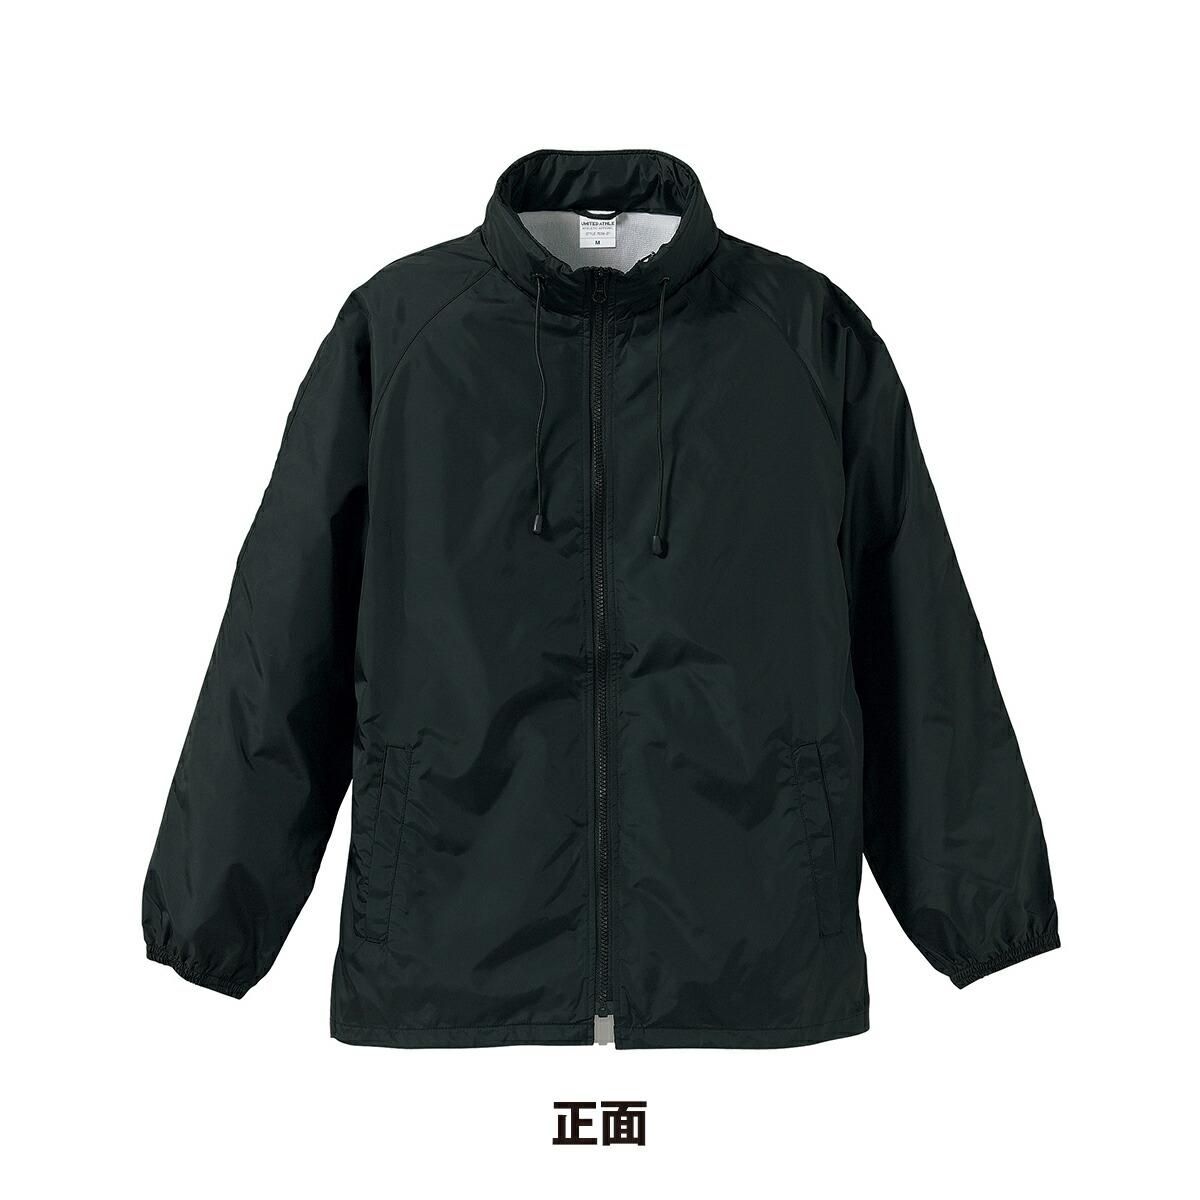 ナイロンスタンドジャケット(フードイン)(裏地付)